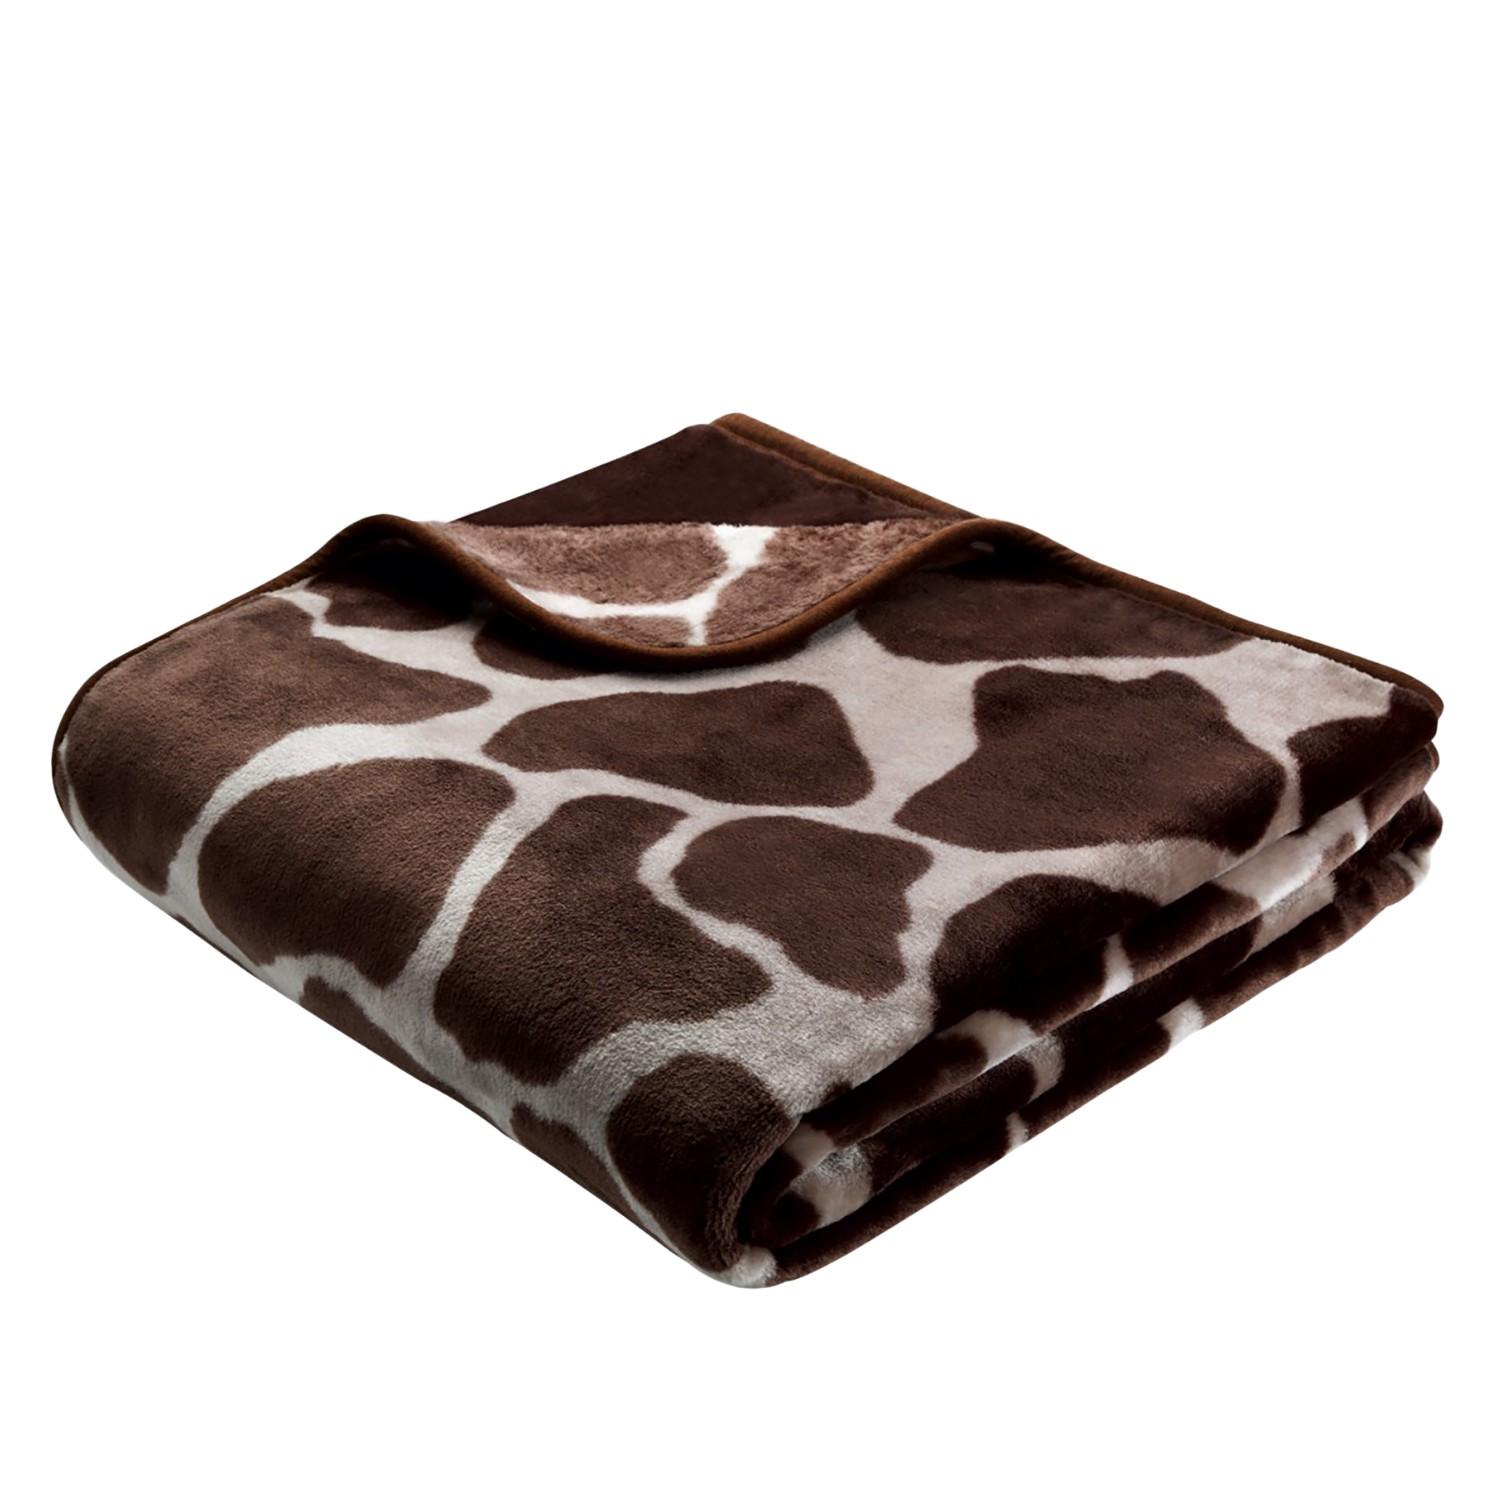 sch ner wohnen webteppich urban grau 100 polyester ma e cm b 80 teppiche auslegware. Black Bedroom Furniture Sets. Home Design Ideas